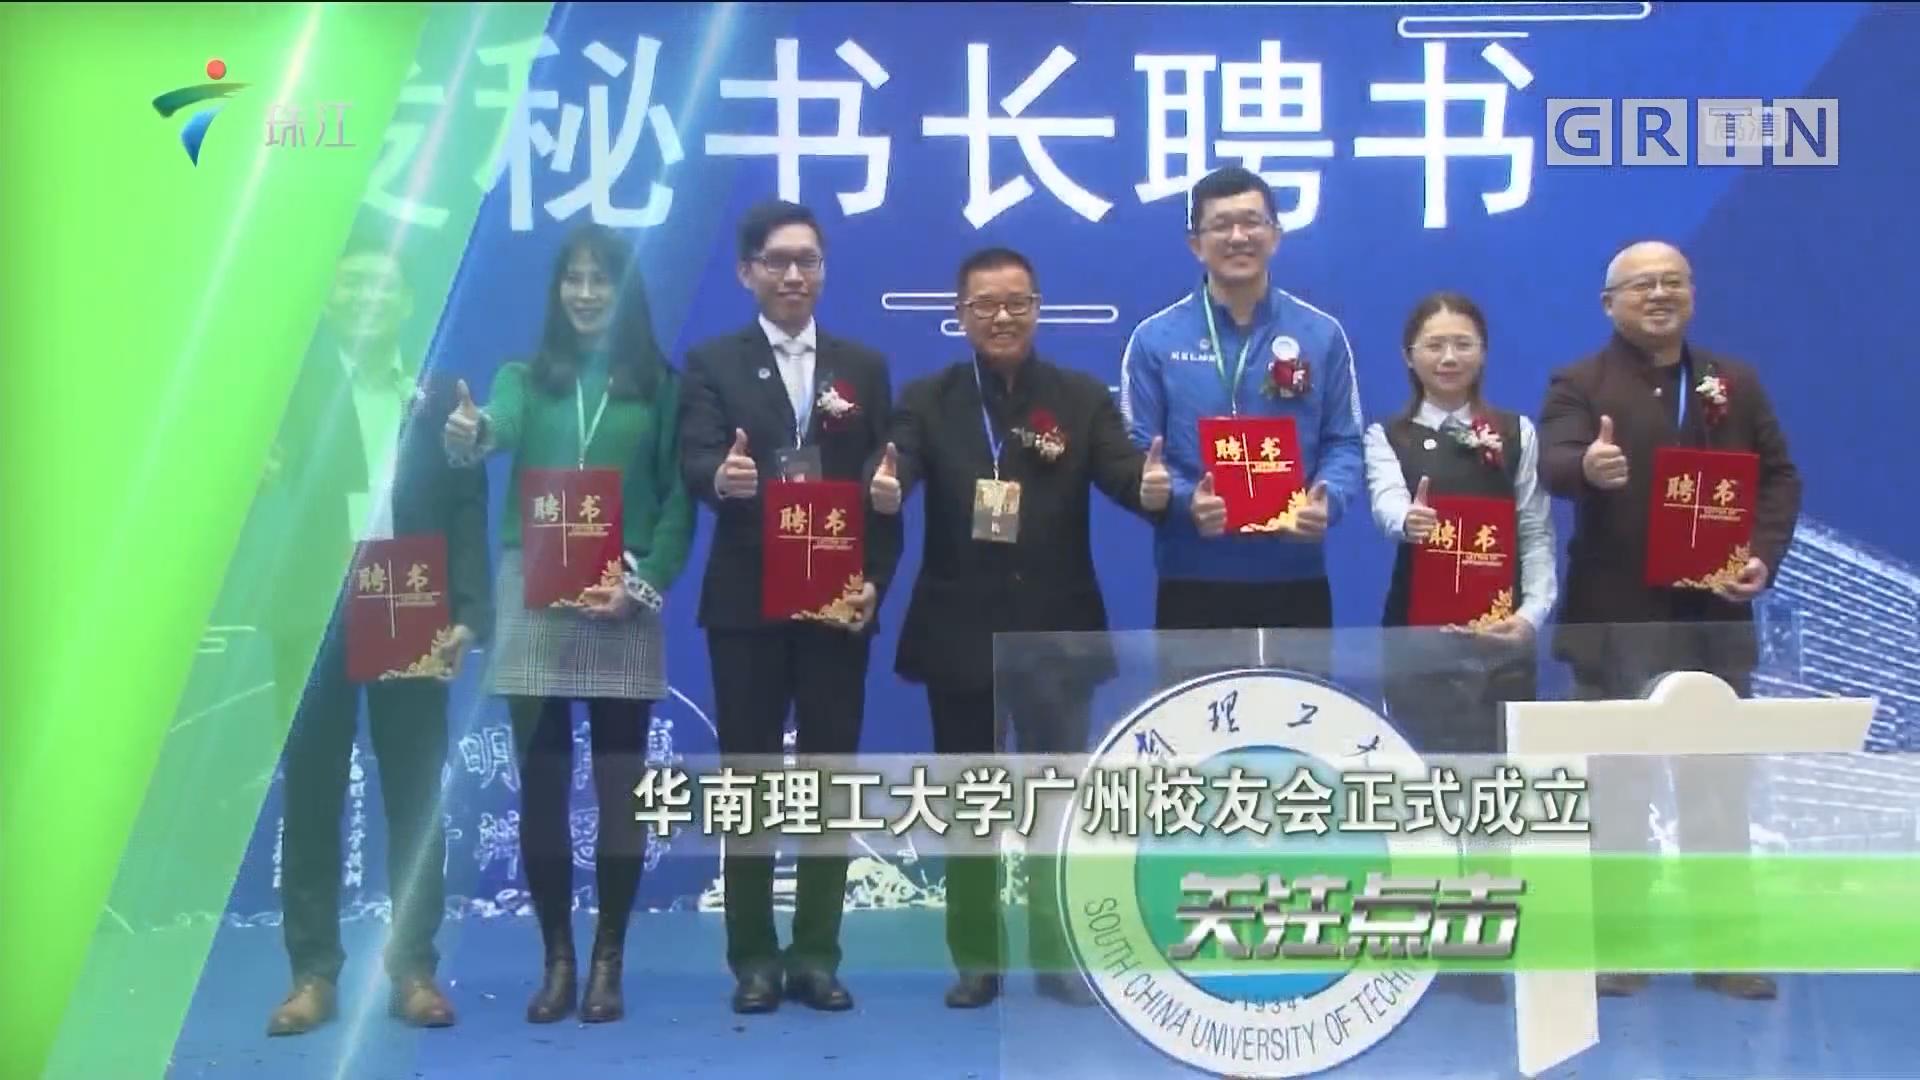 华南理工大学广州校友会正式成立